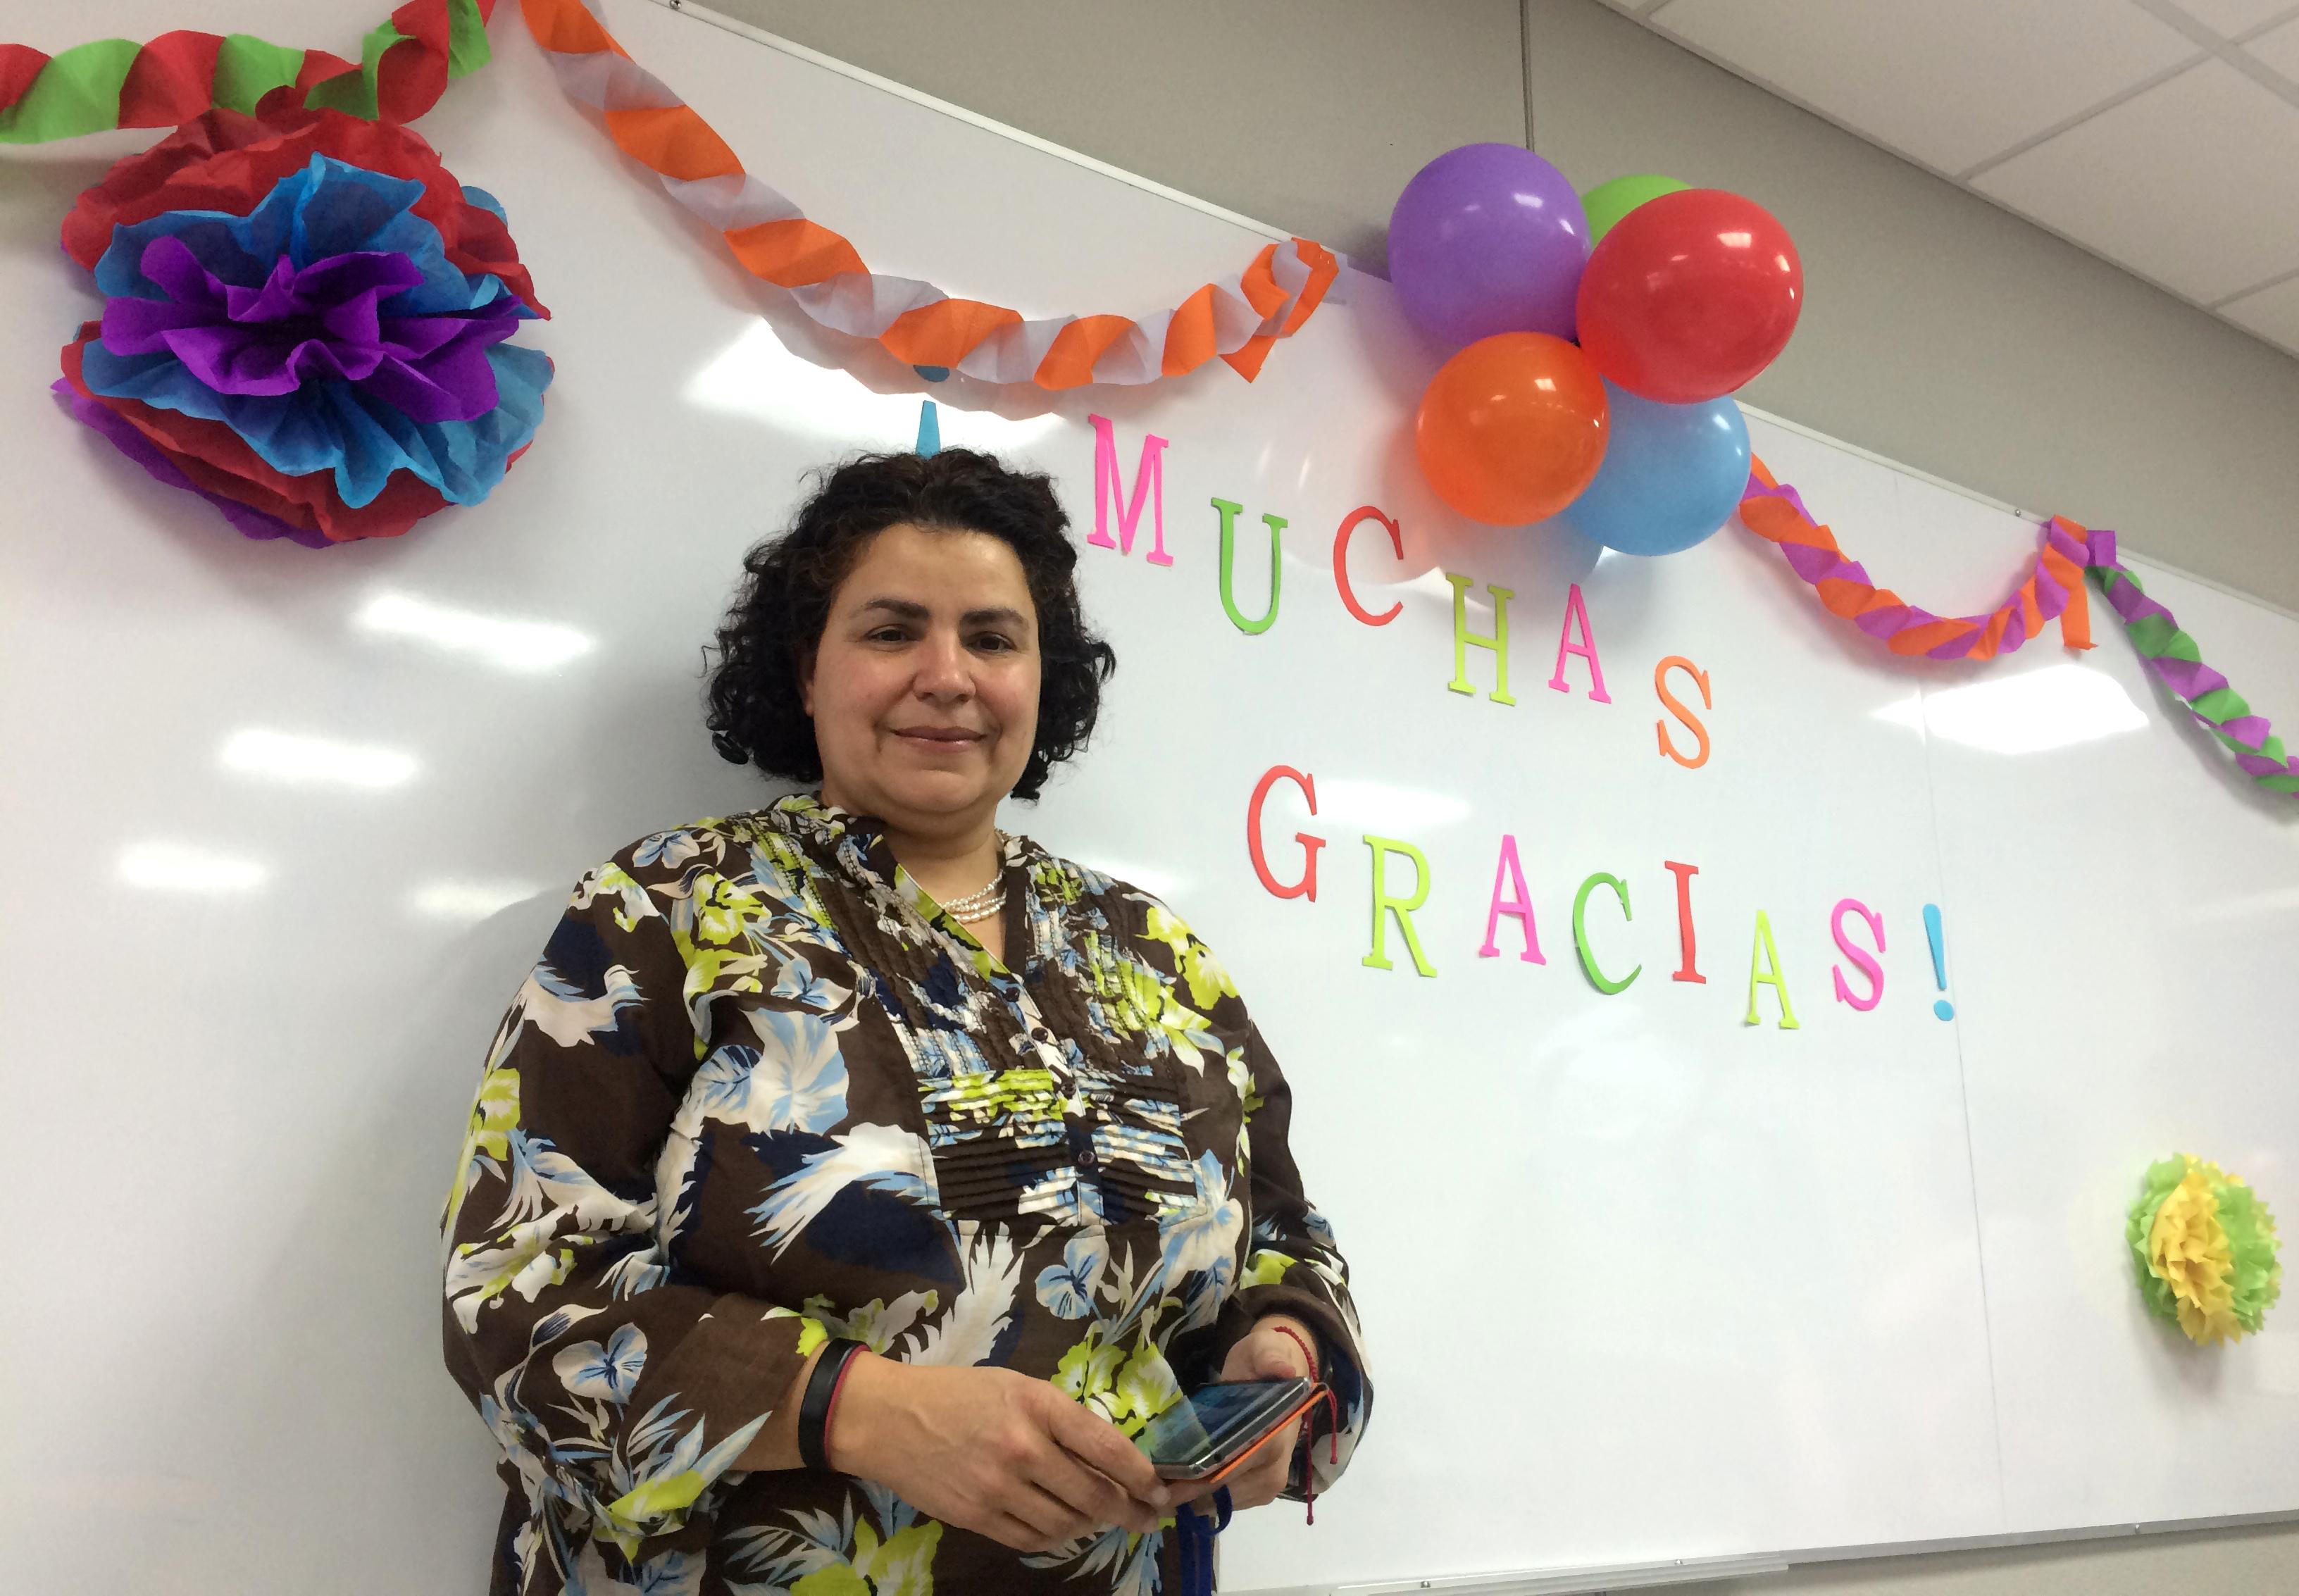 La comunidad ECCC se unió para expresarle su agradecimiento a la Dra. Lidieth Garro por haber dirigido la Escuela del 2012 al 2016. Foto: Carlos Quesada/ECCC